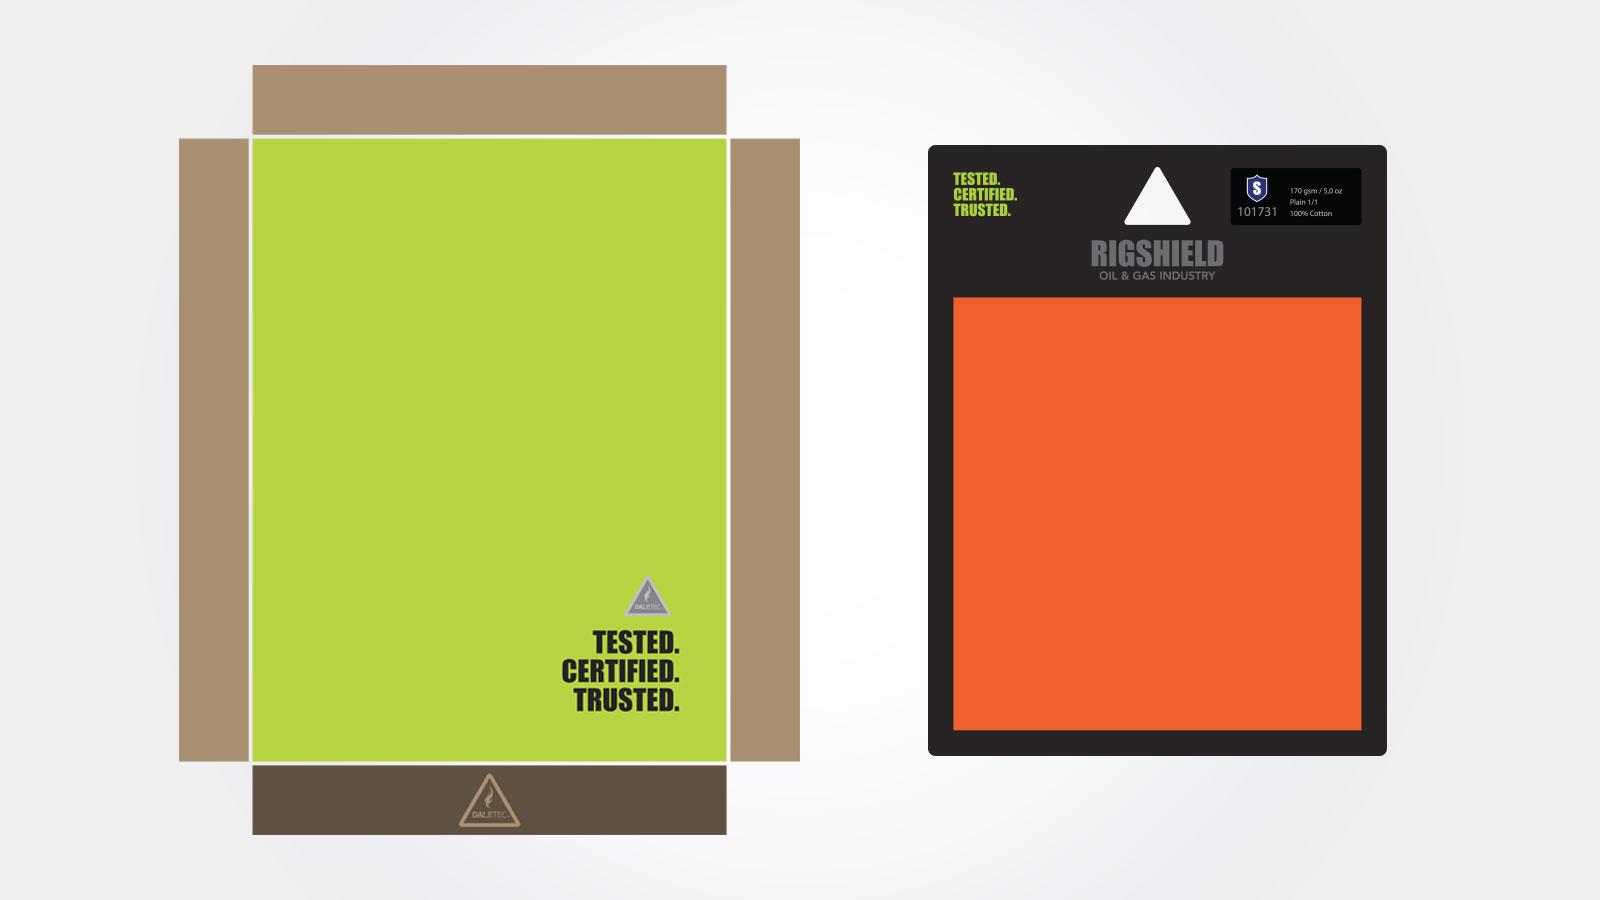 graphic-brand-design-web-designer-hiline-lahore-pakistan-daletec-003